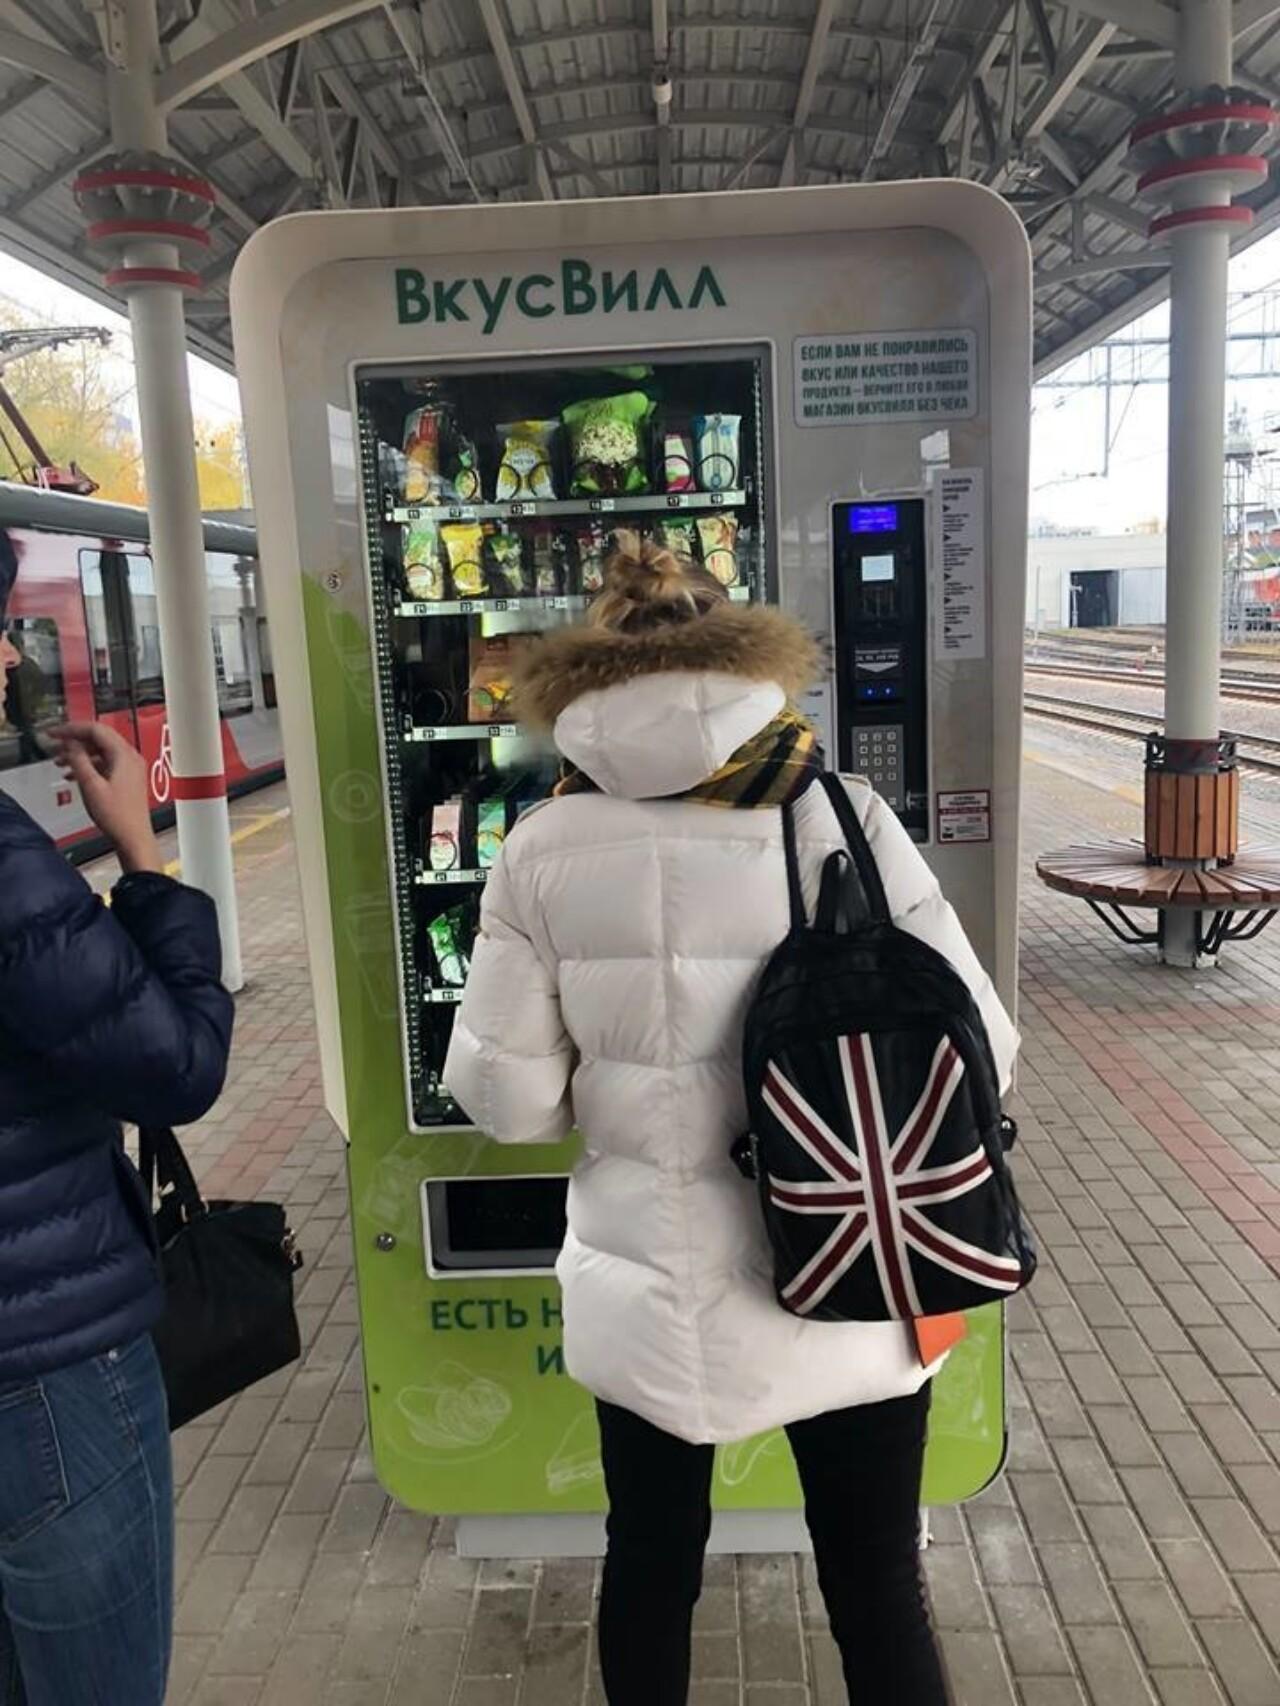 «Вкусвилл» начал продавать продукты через автоматы на станциях Московского центрального кольца